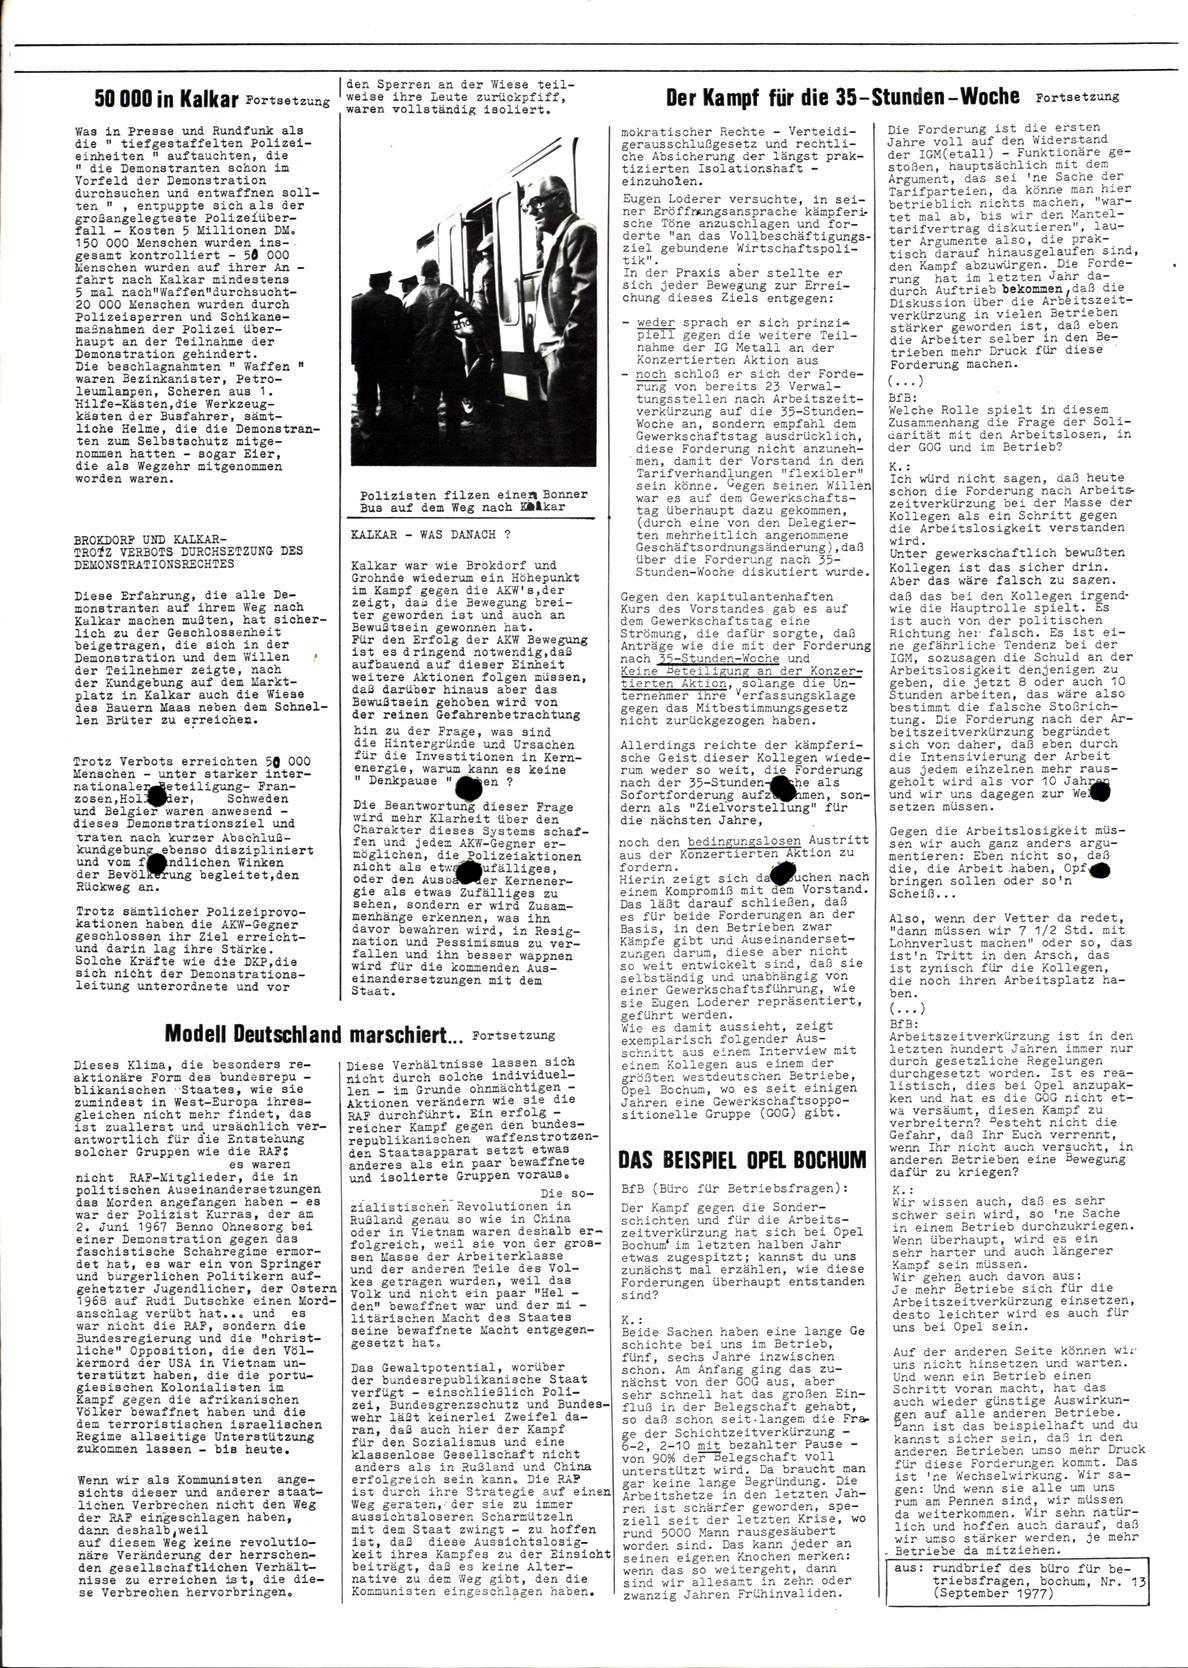 Bonner_Volksblatt_05_19771004_03